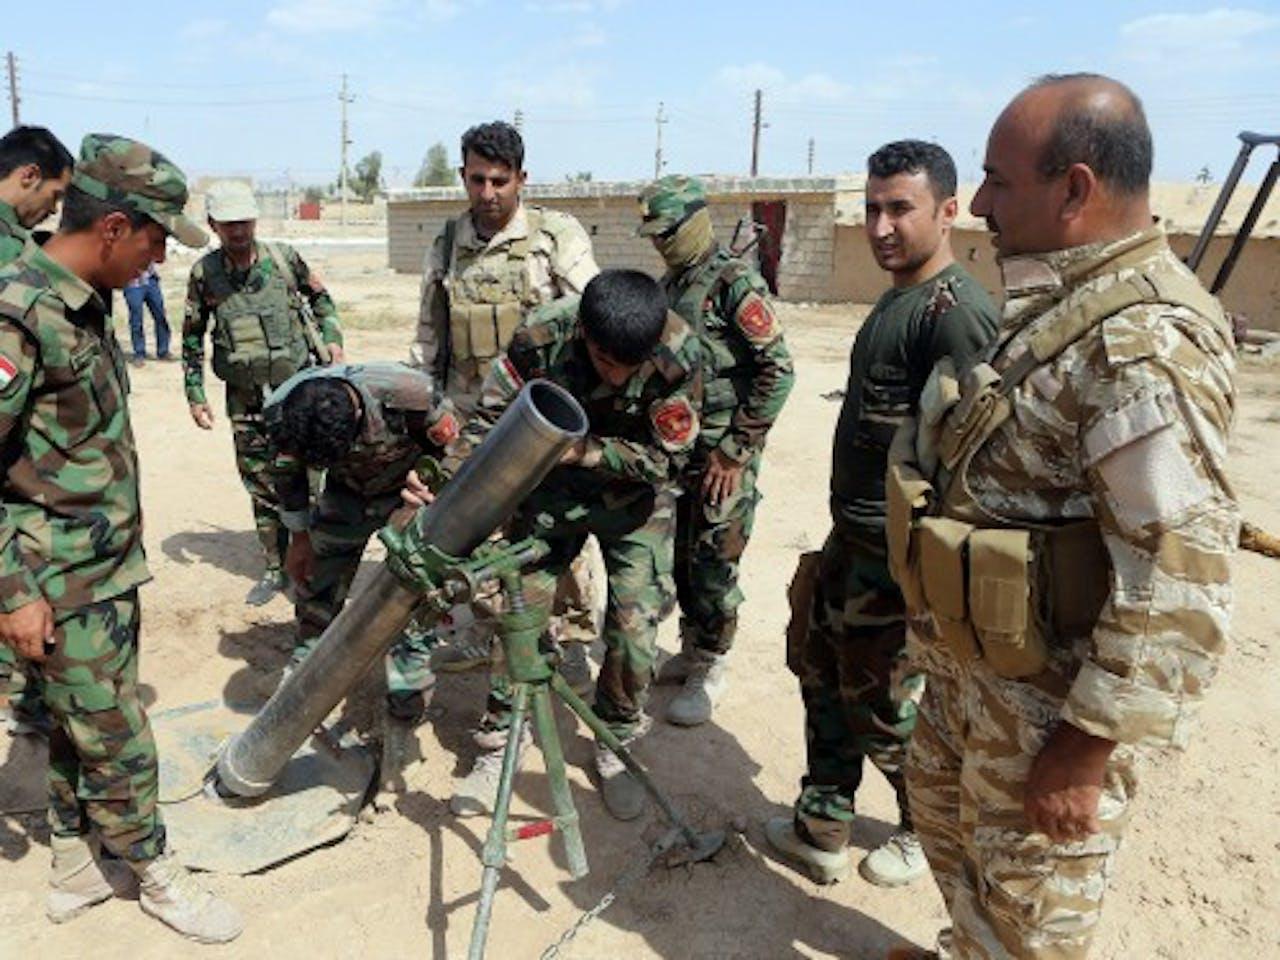 Archiefbeeld van Koerdische strijders. EPA